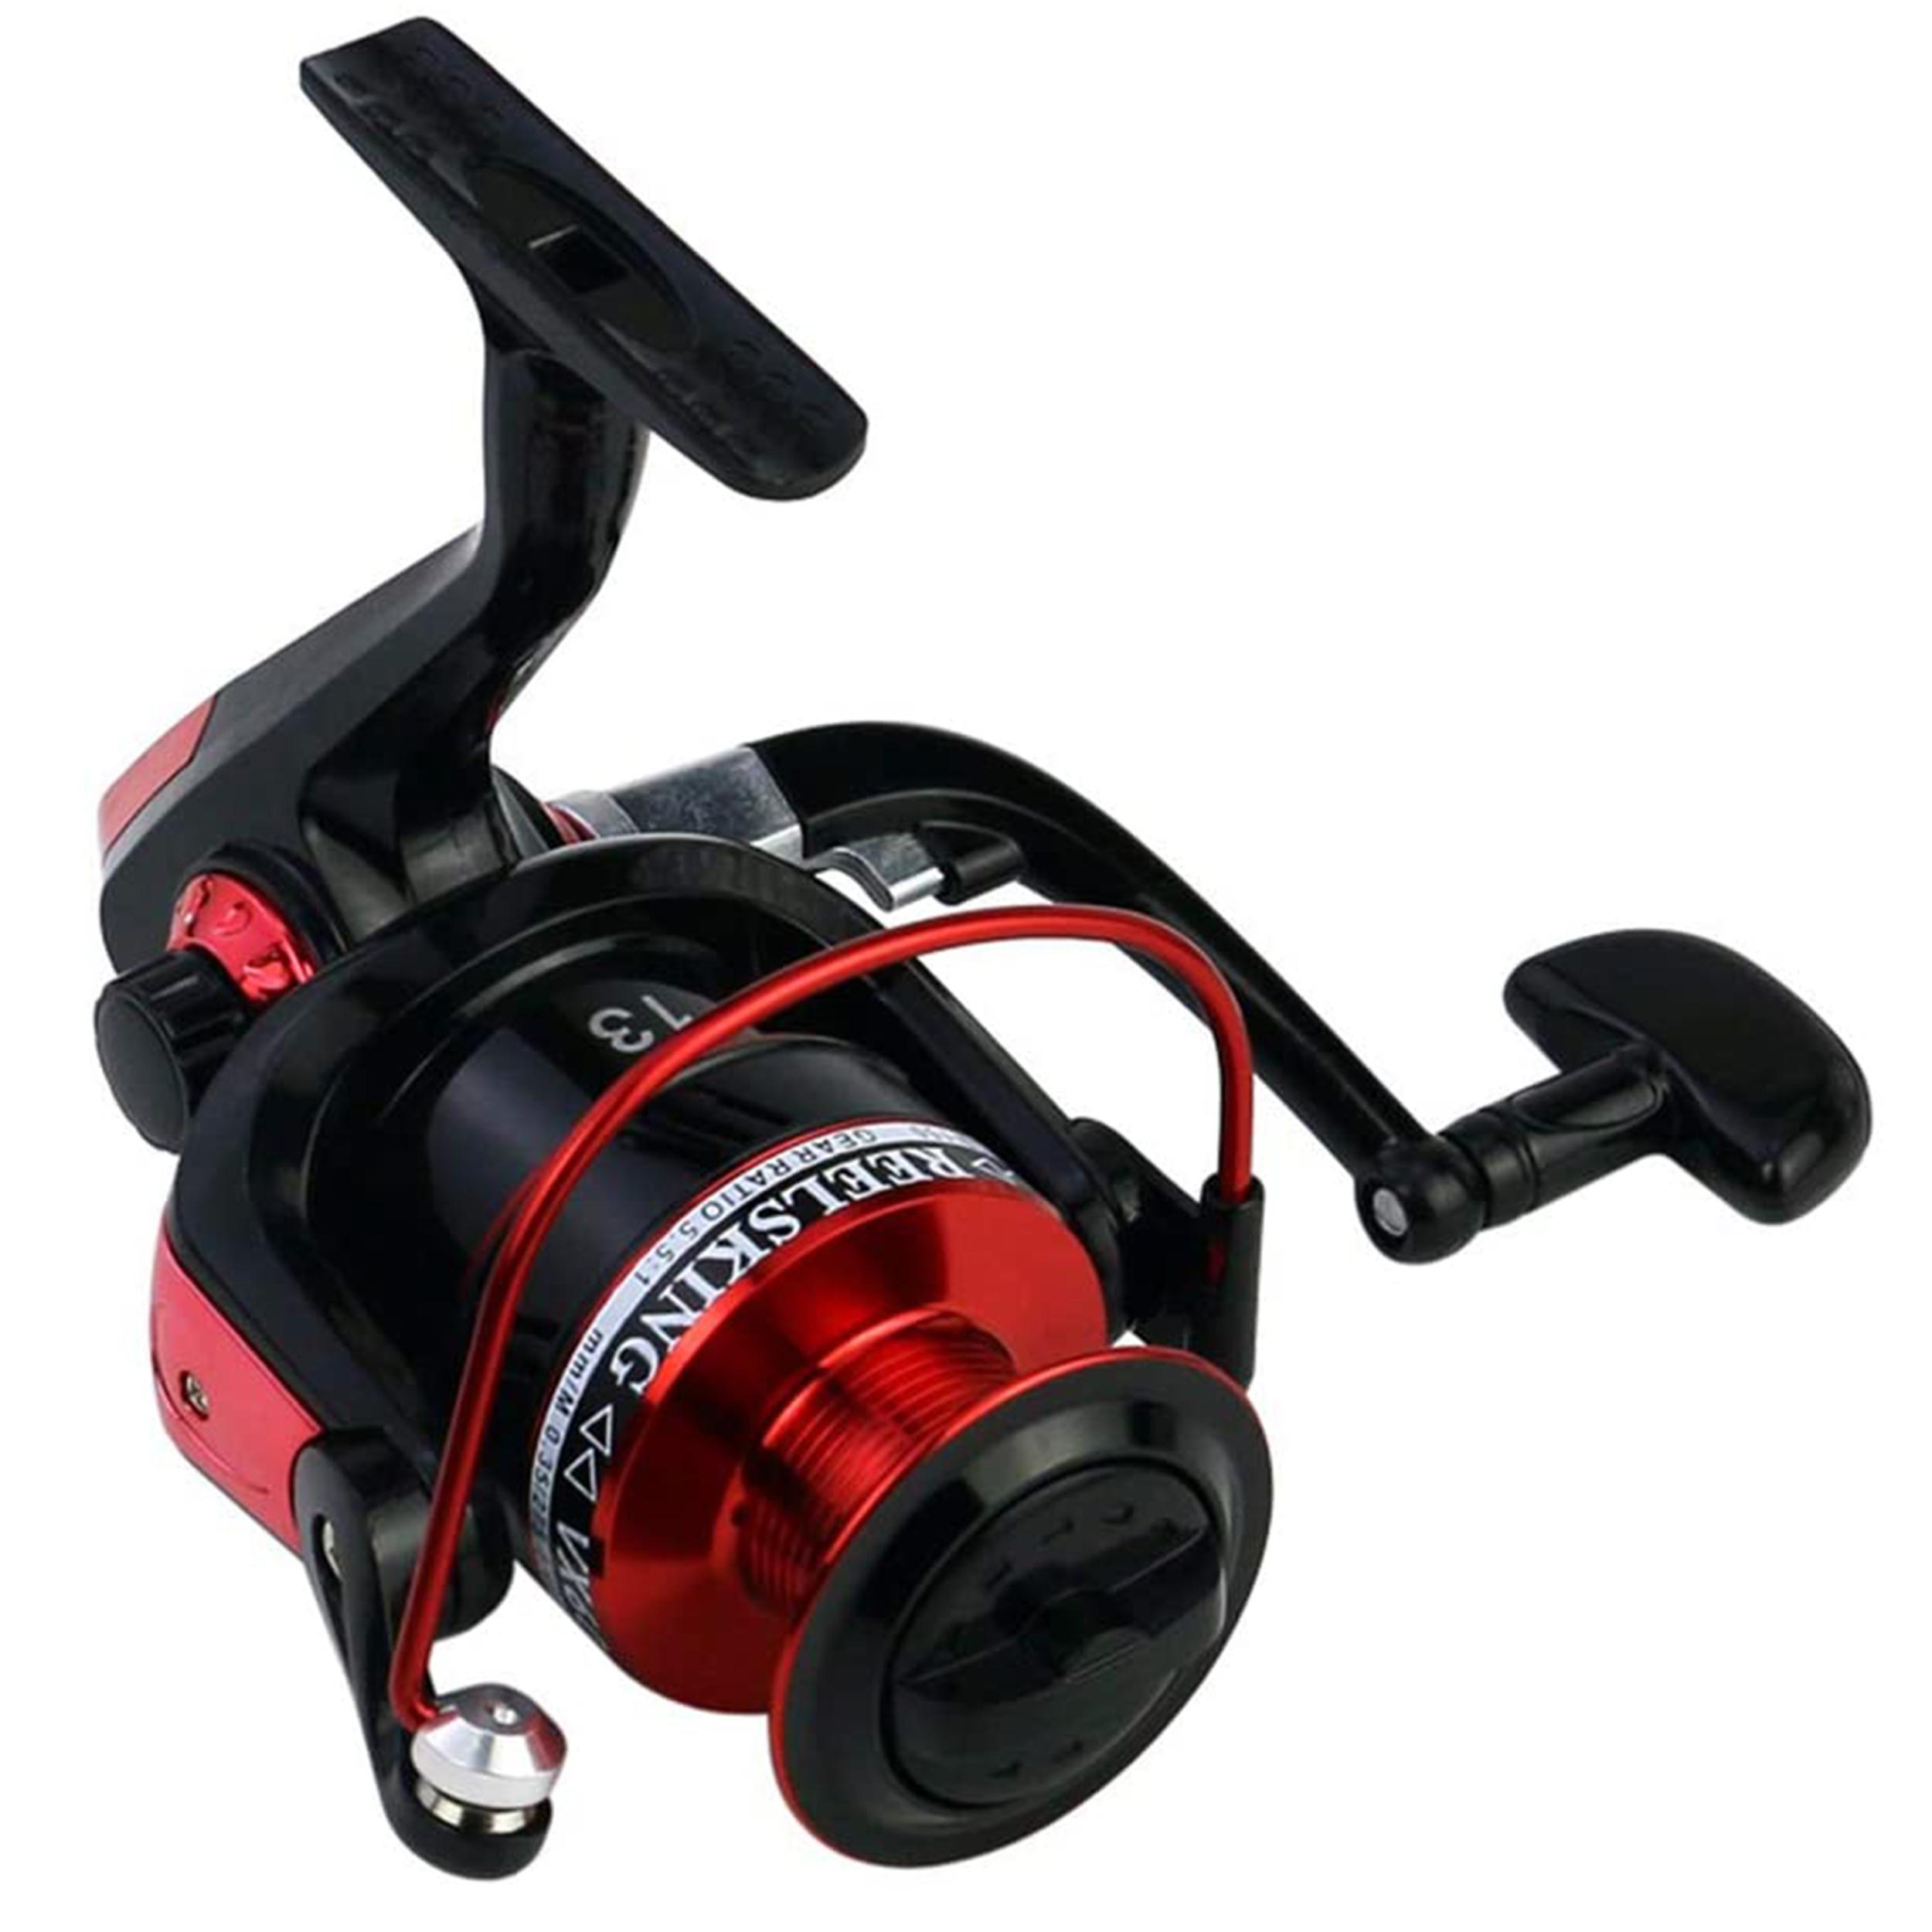 چرخ ماهیگیری ریل اسکینگ مدل VX-6000-R